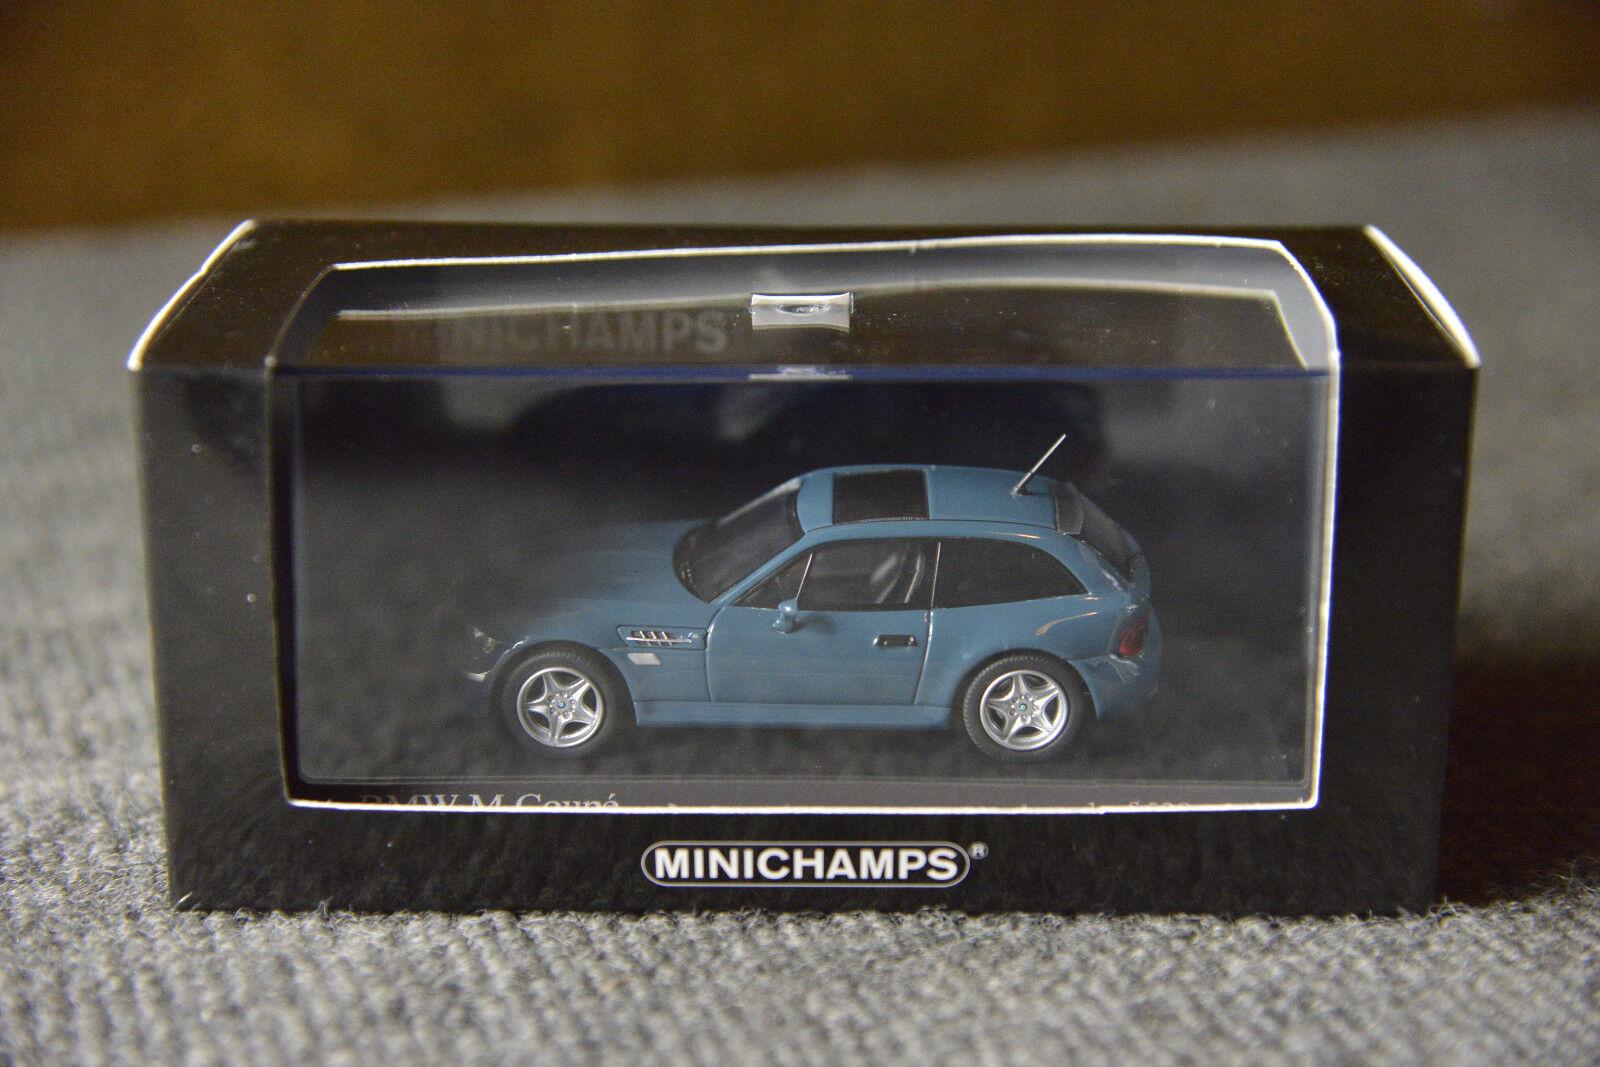 BMW Mini champs M Coupé Z3 allemand concessionnaire Modèle 1 43 Collectors Edition Bleu